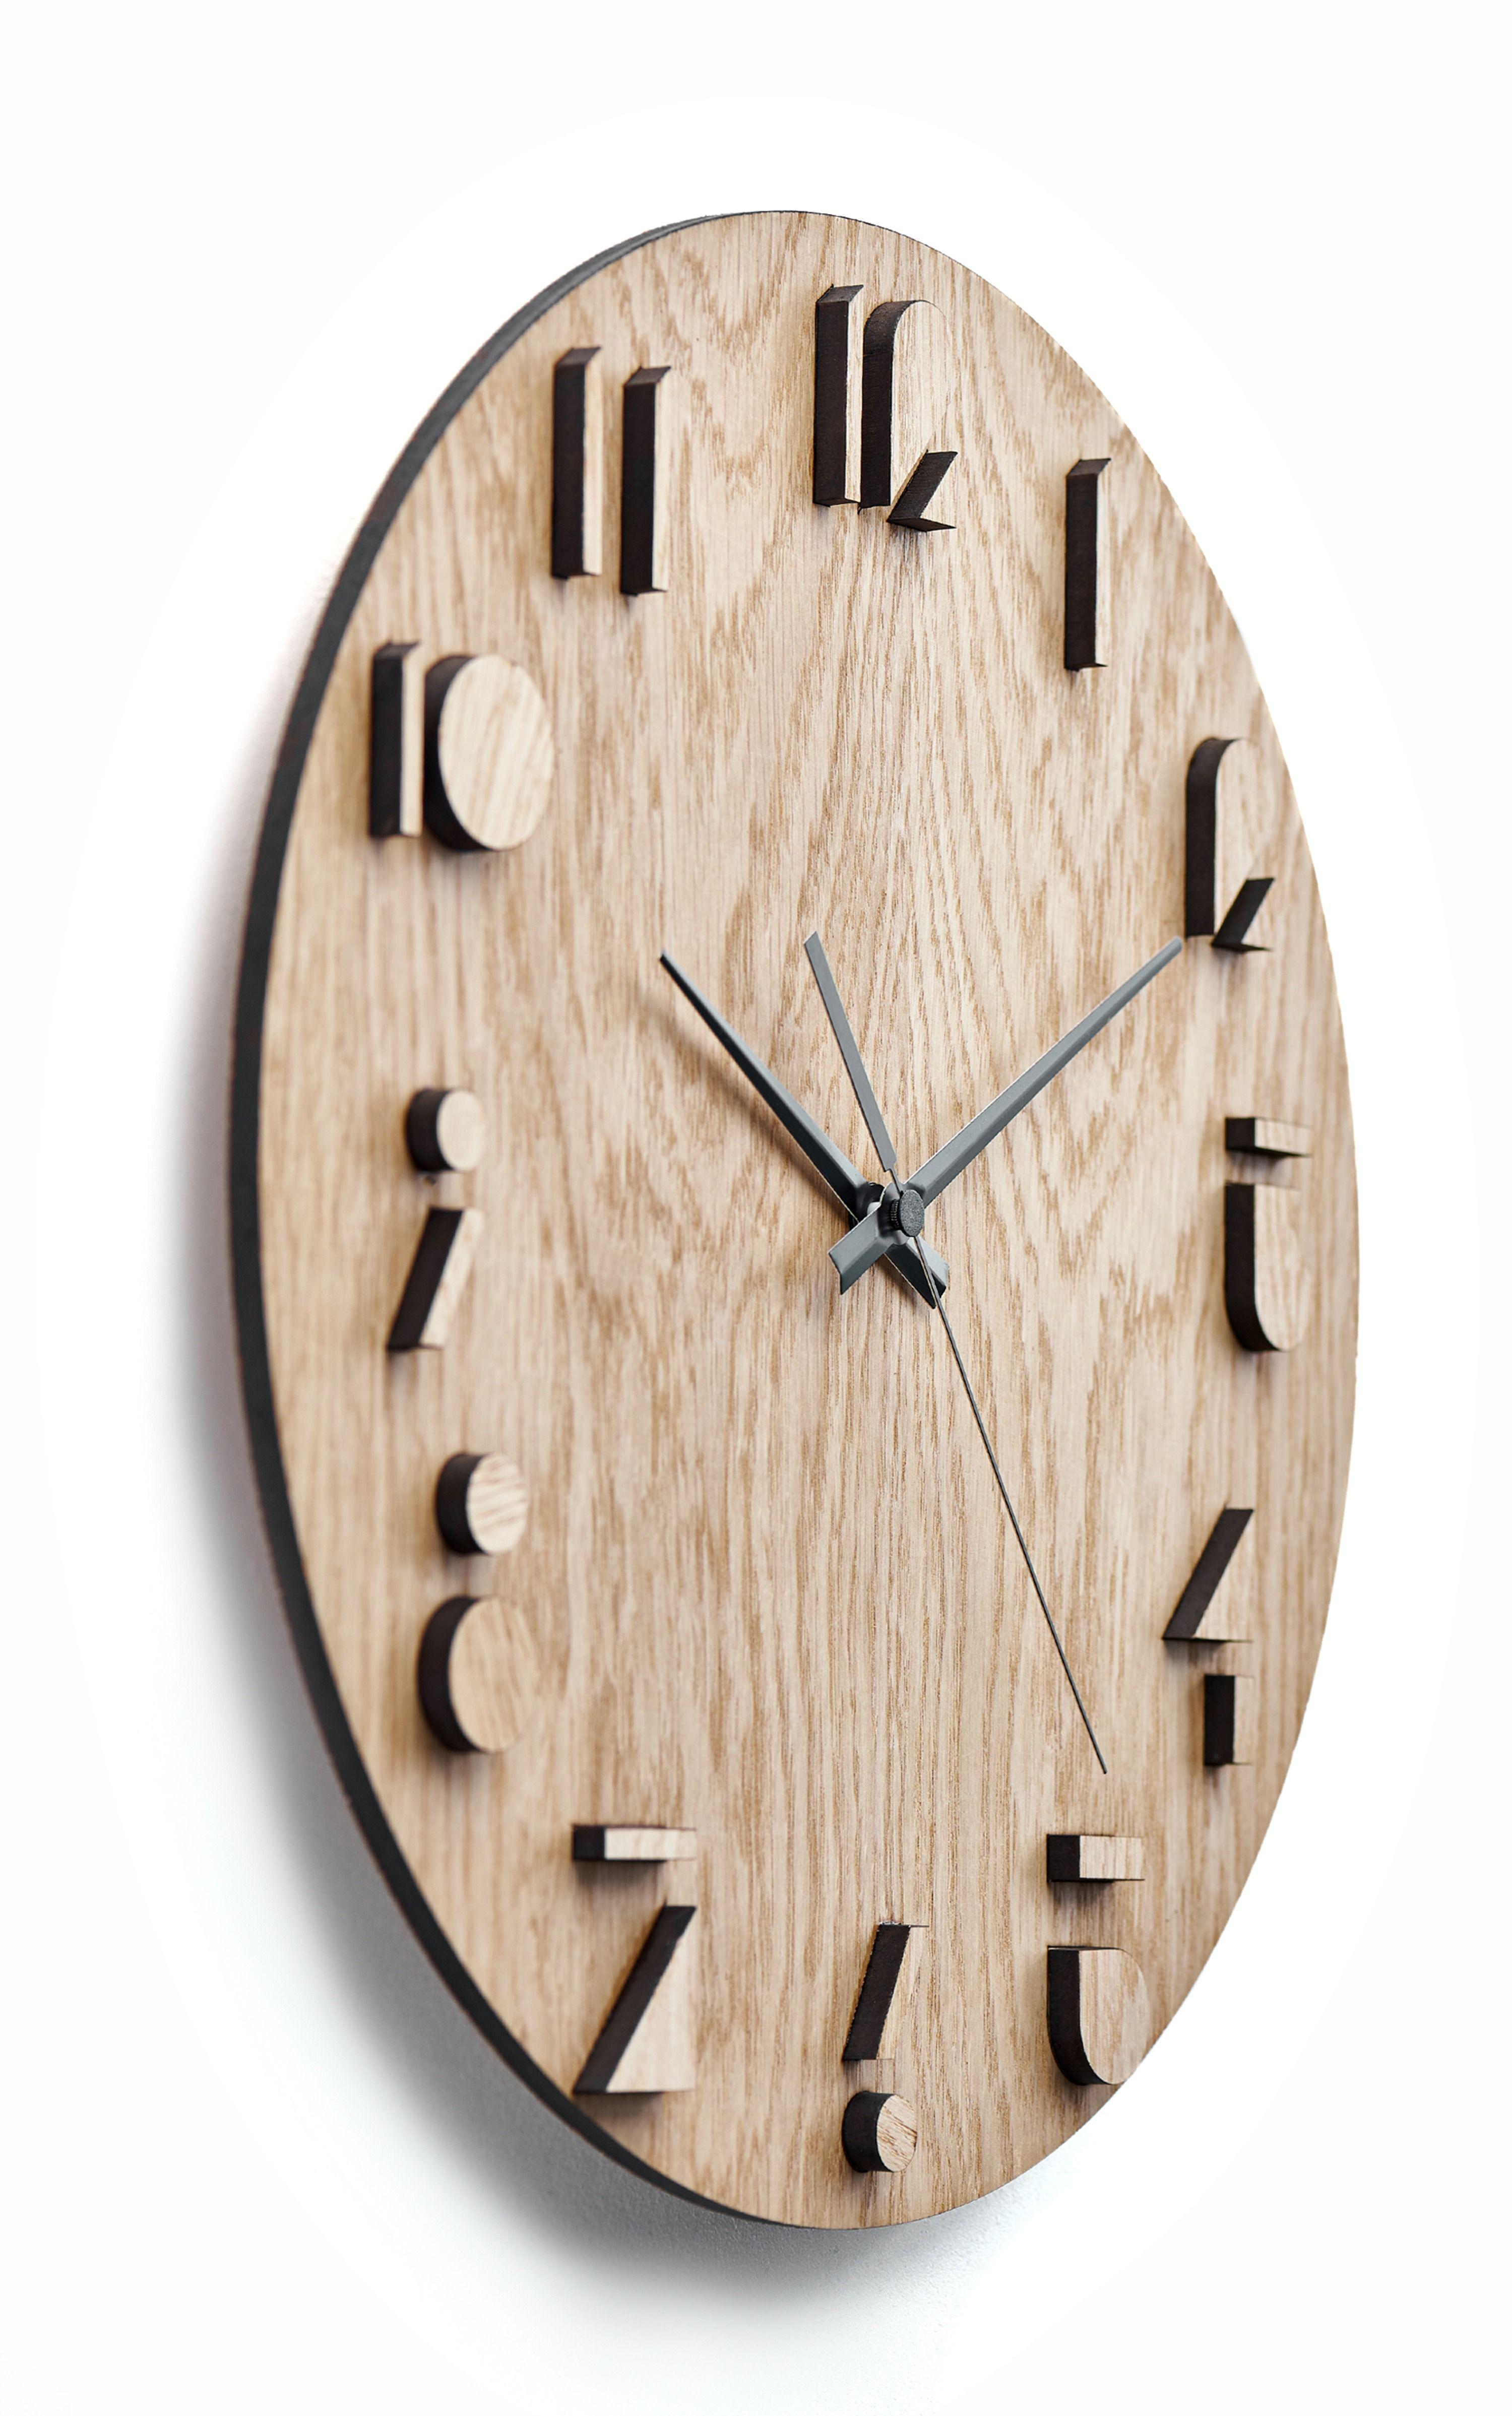 Wooden Wall Clock Moku Katori In 2020 Minimalist Wall Clocks Rustic Wall Clocks Unique Wall Clocks